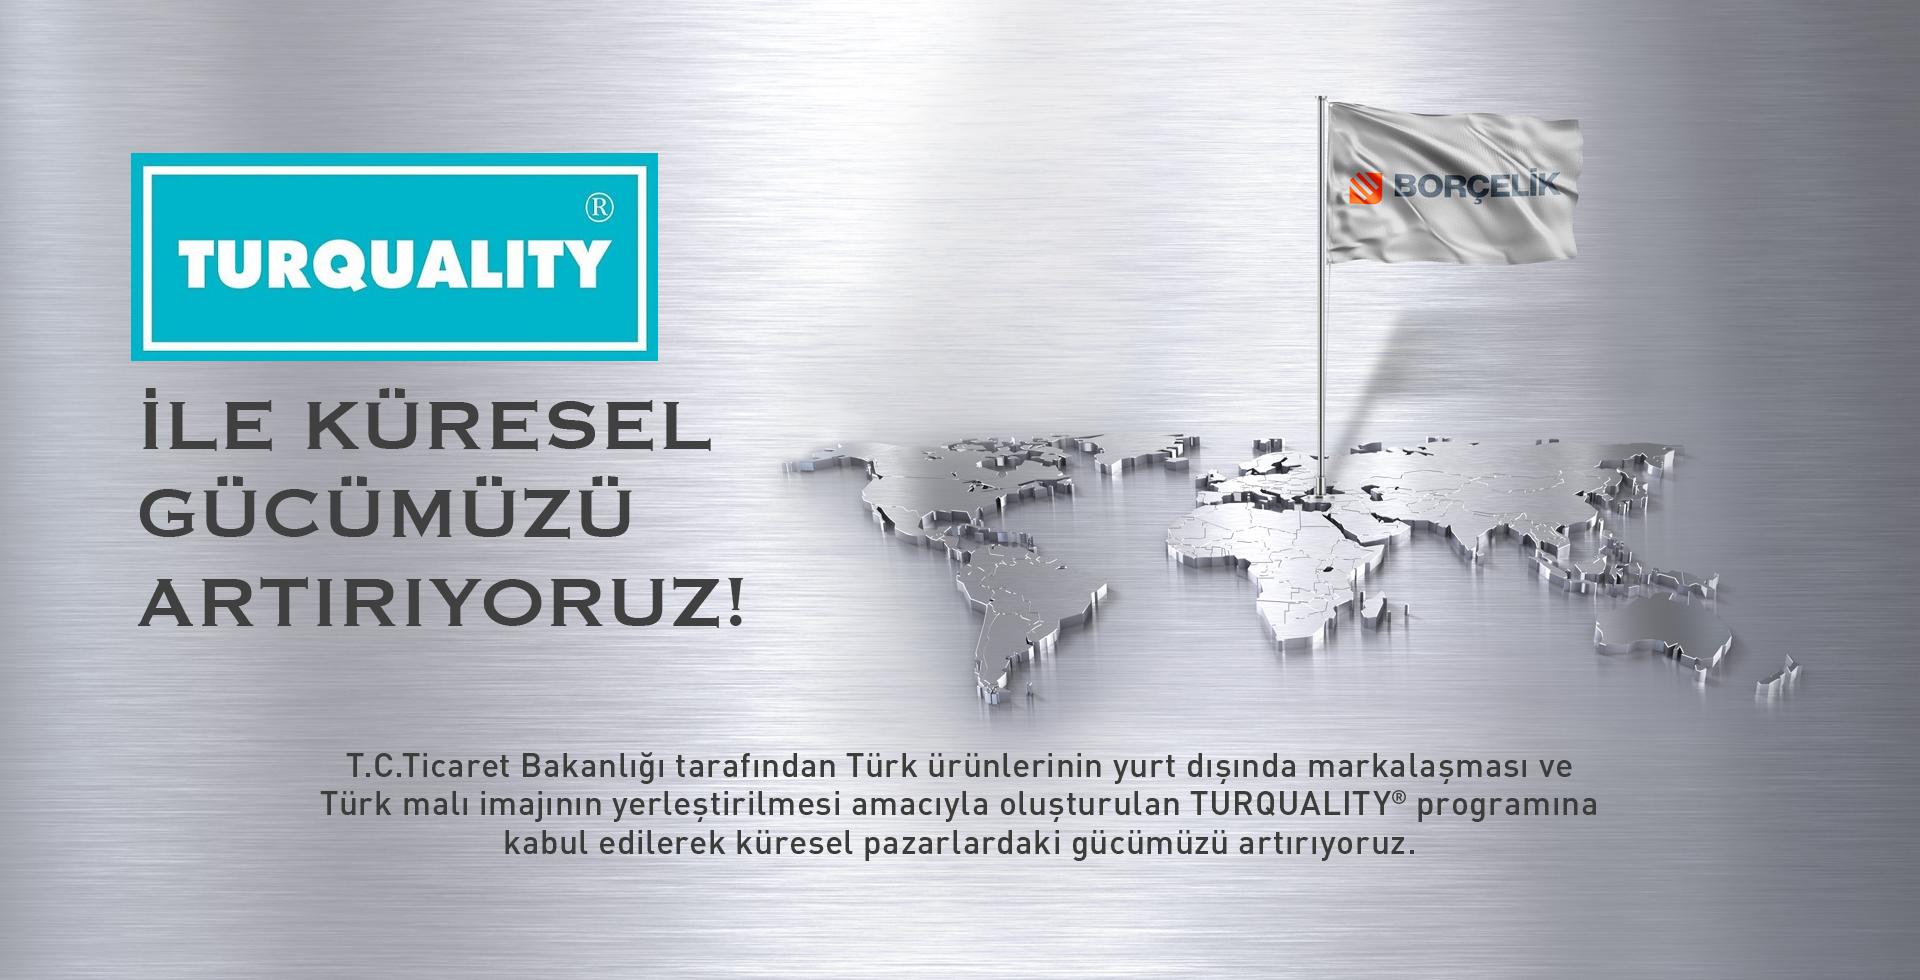 Turquality® ile Küresel Gücümüzü Arttırıyoruz!